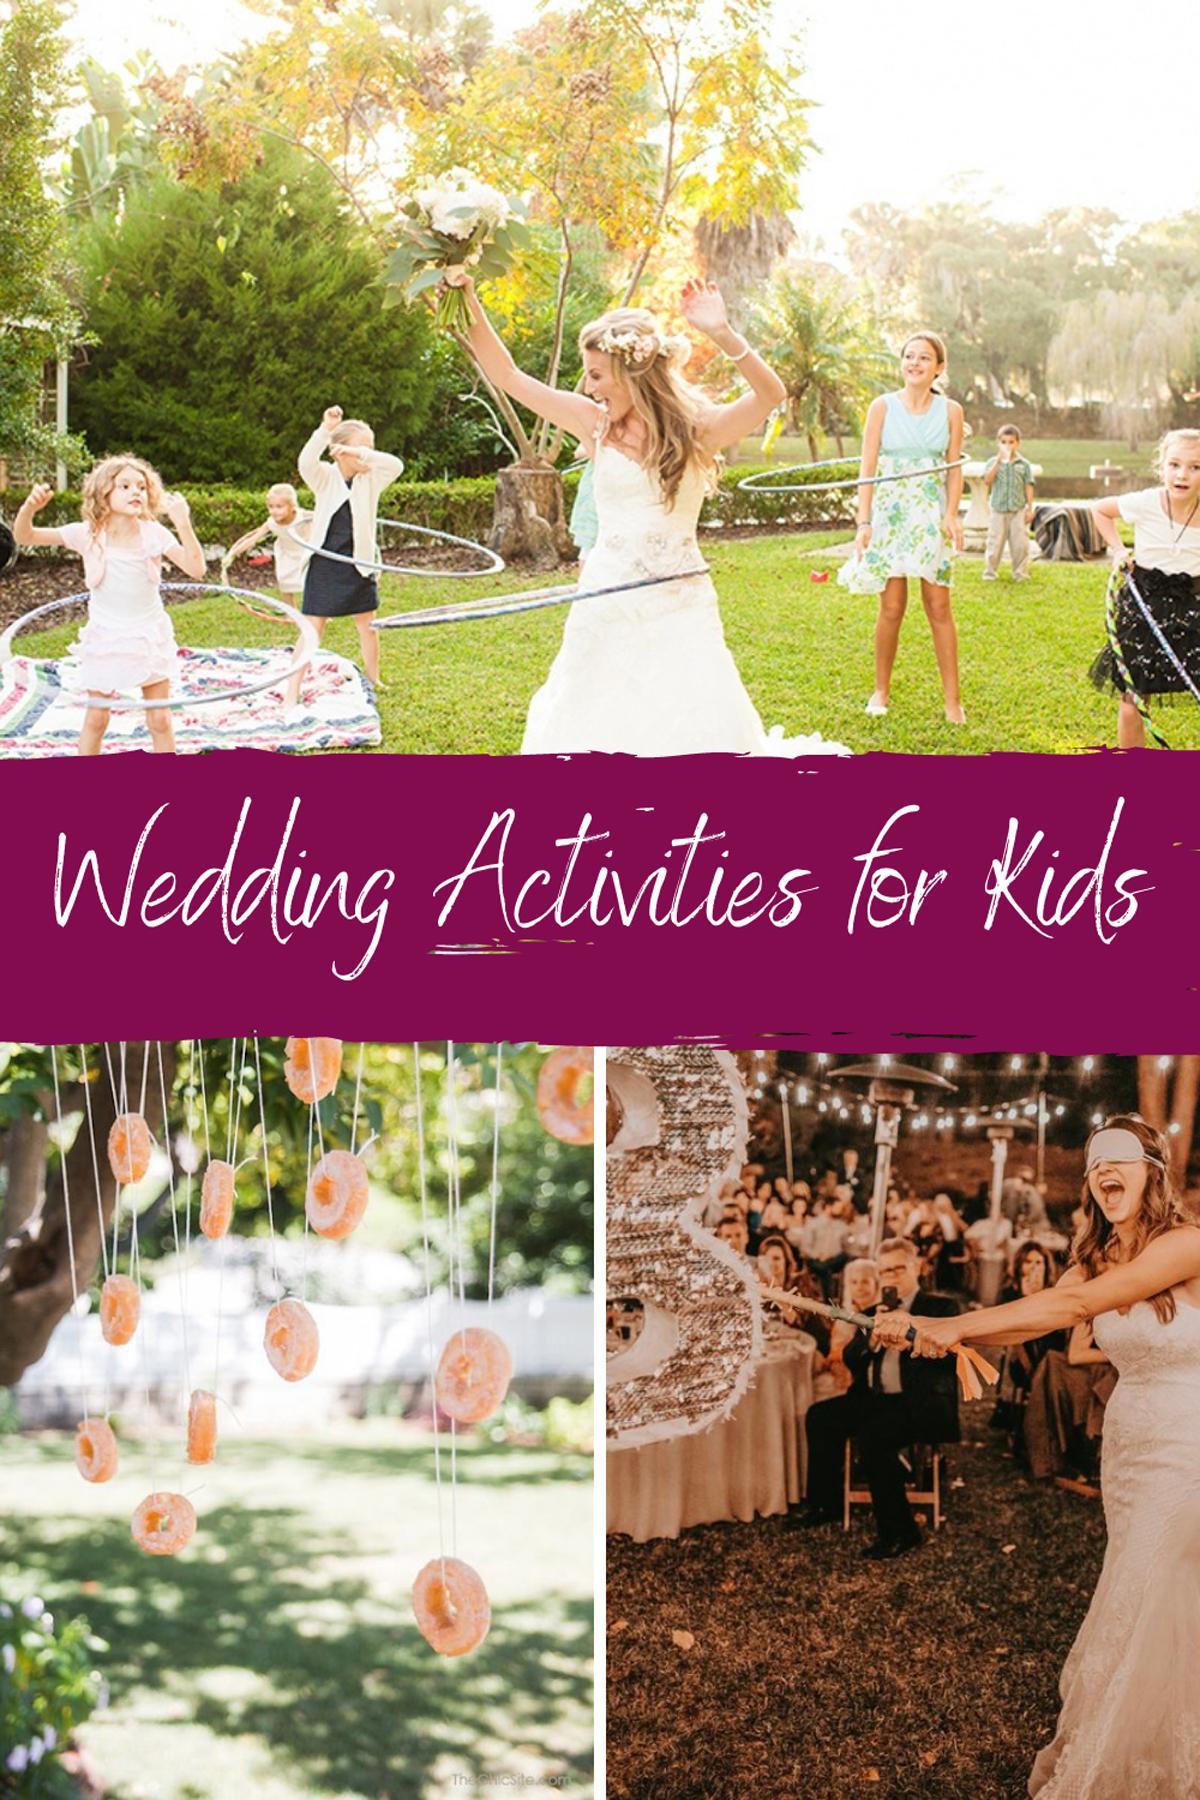 Wedding Activities for Kids